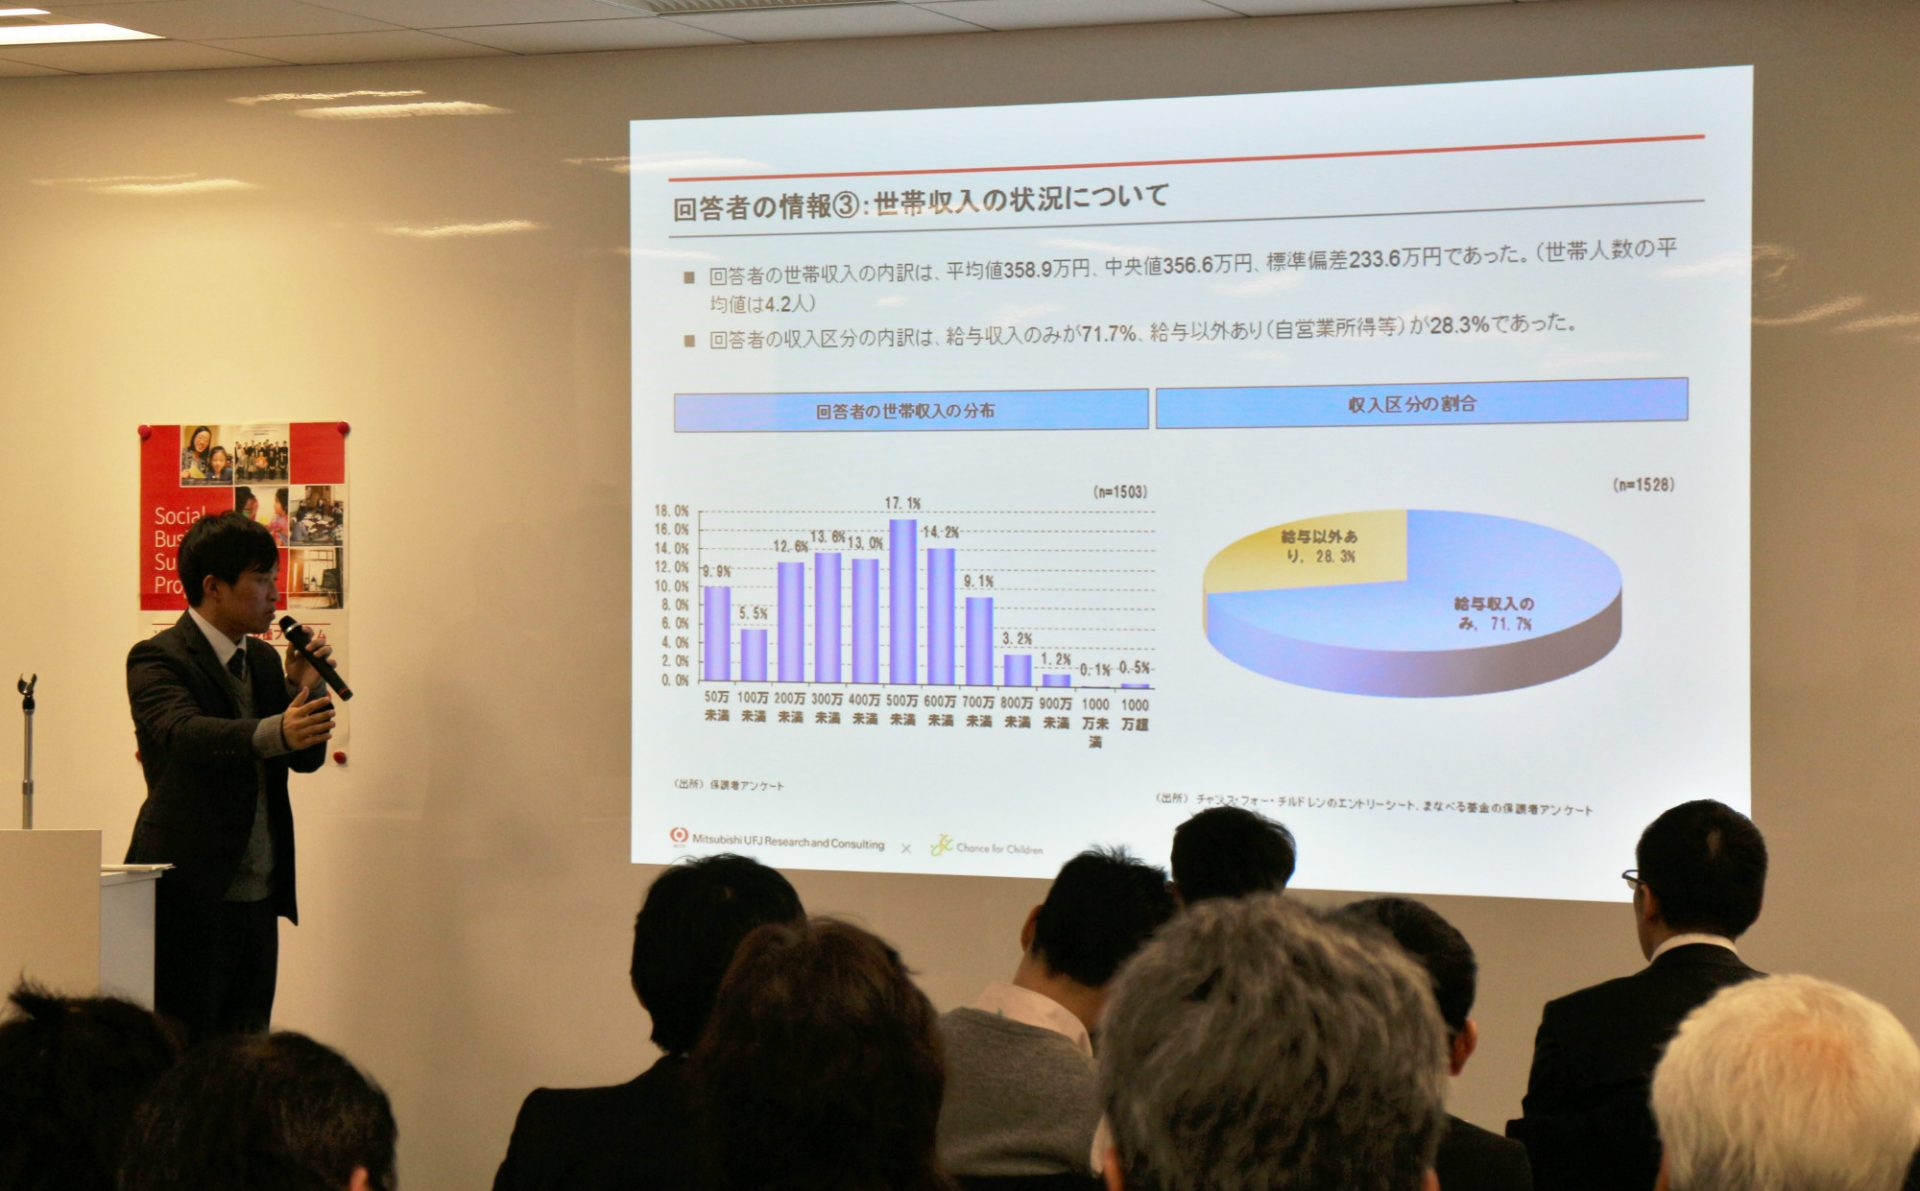 2015年2月23日、三菱UFJリサーチ&コンサルティング株式会社東京本社にて「被災地・子ども教育調査」報告セミナーが開催されました。